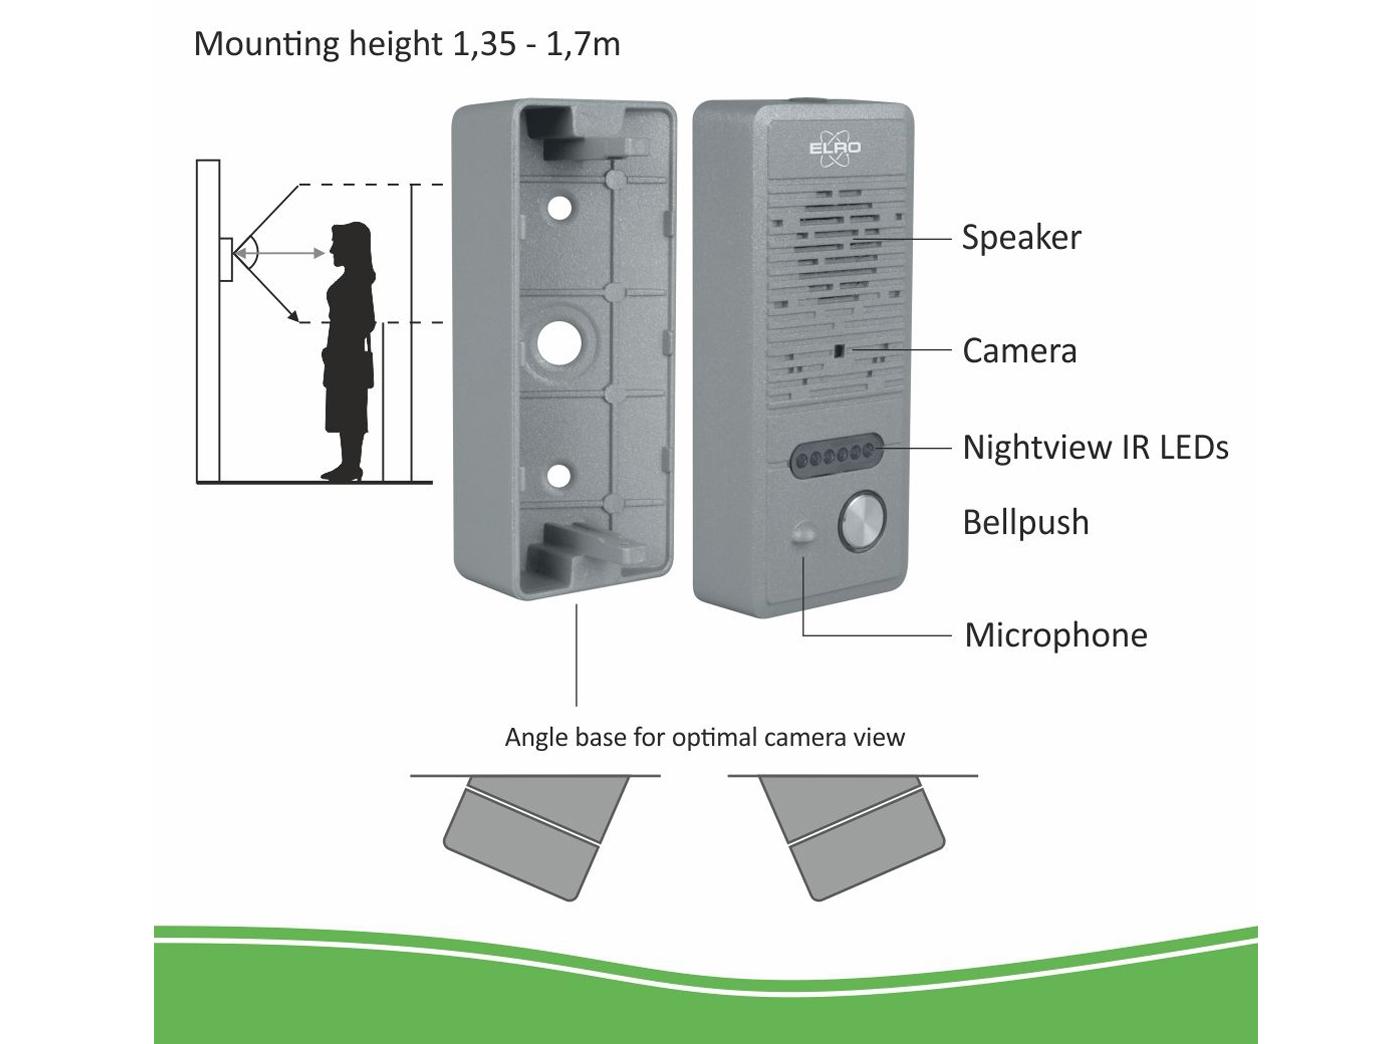 videogegensprechanlage freisprechanlage haus mit monitor, lochkamera